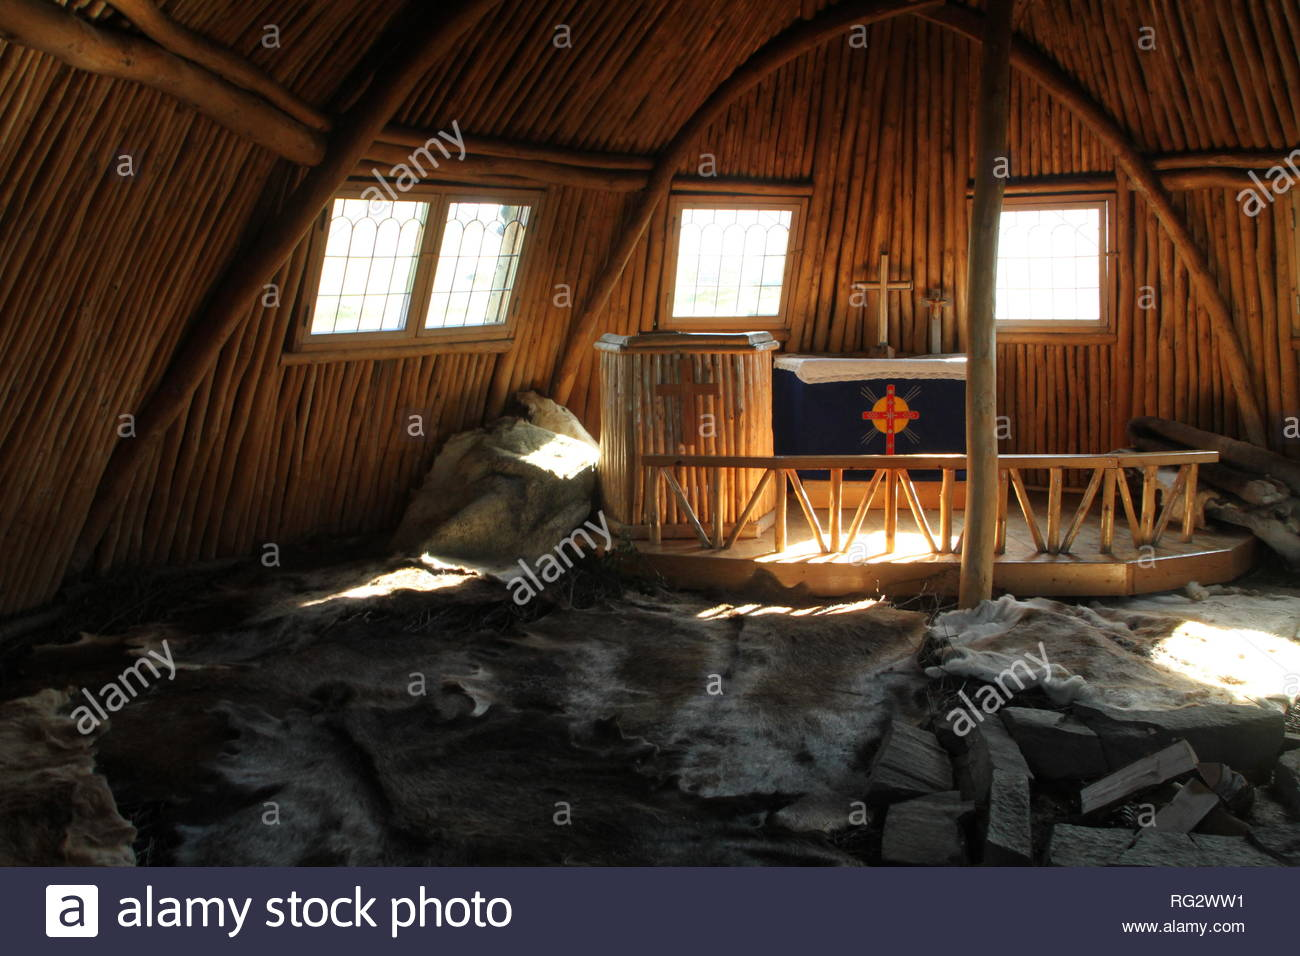 Die samische Kirche von Staloluokta. Der Boden ist mit Rentierfellen belegt. Stockbild